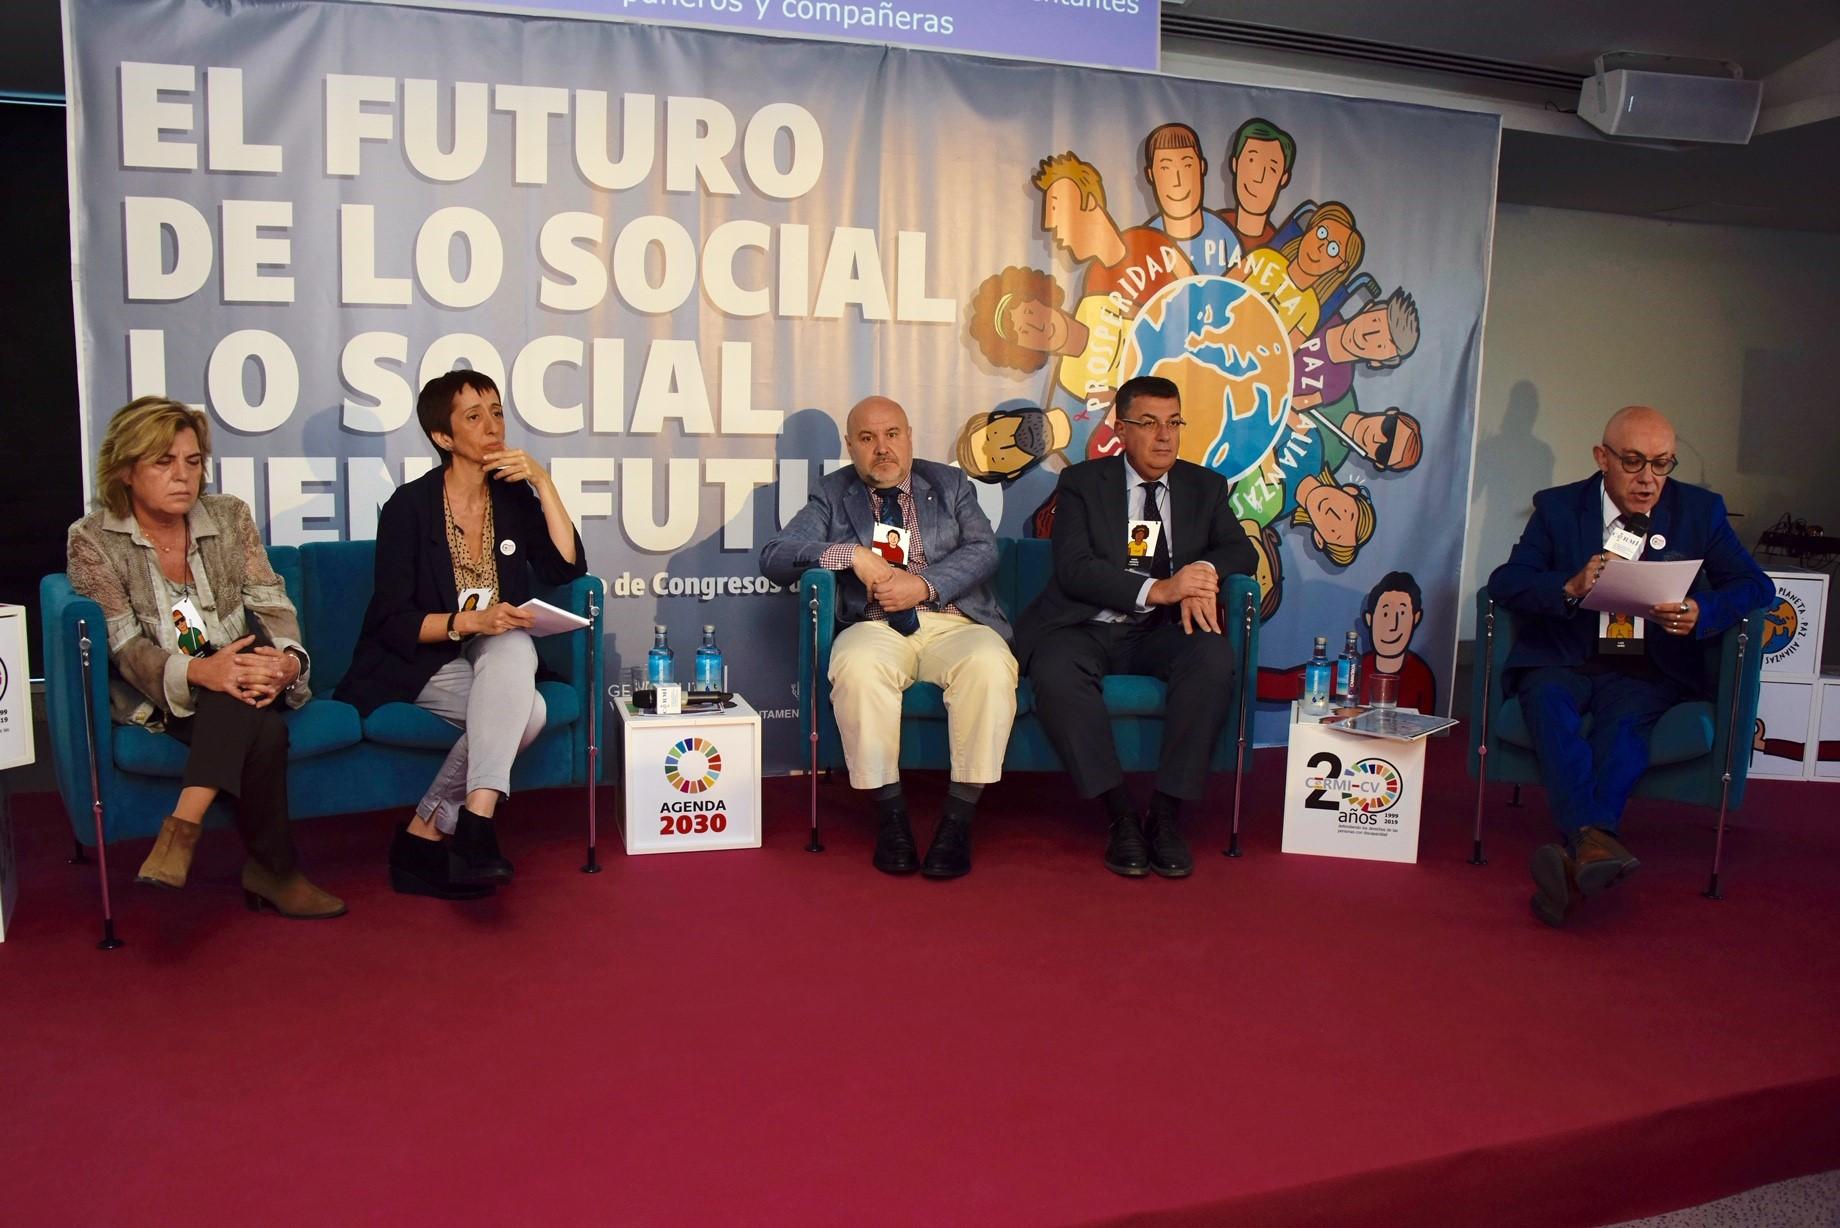 """""""Los derechos sociales son derechos humanos, pues están conectados con la libertad y la igualdad"""" Fernández de la Vega"""